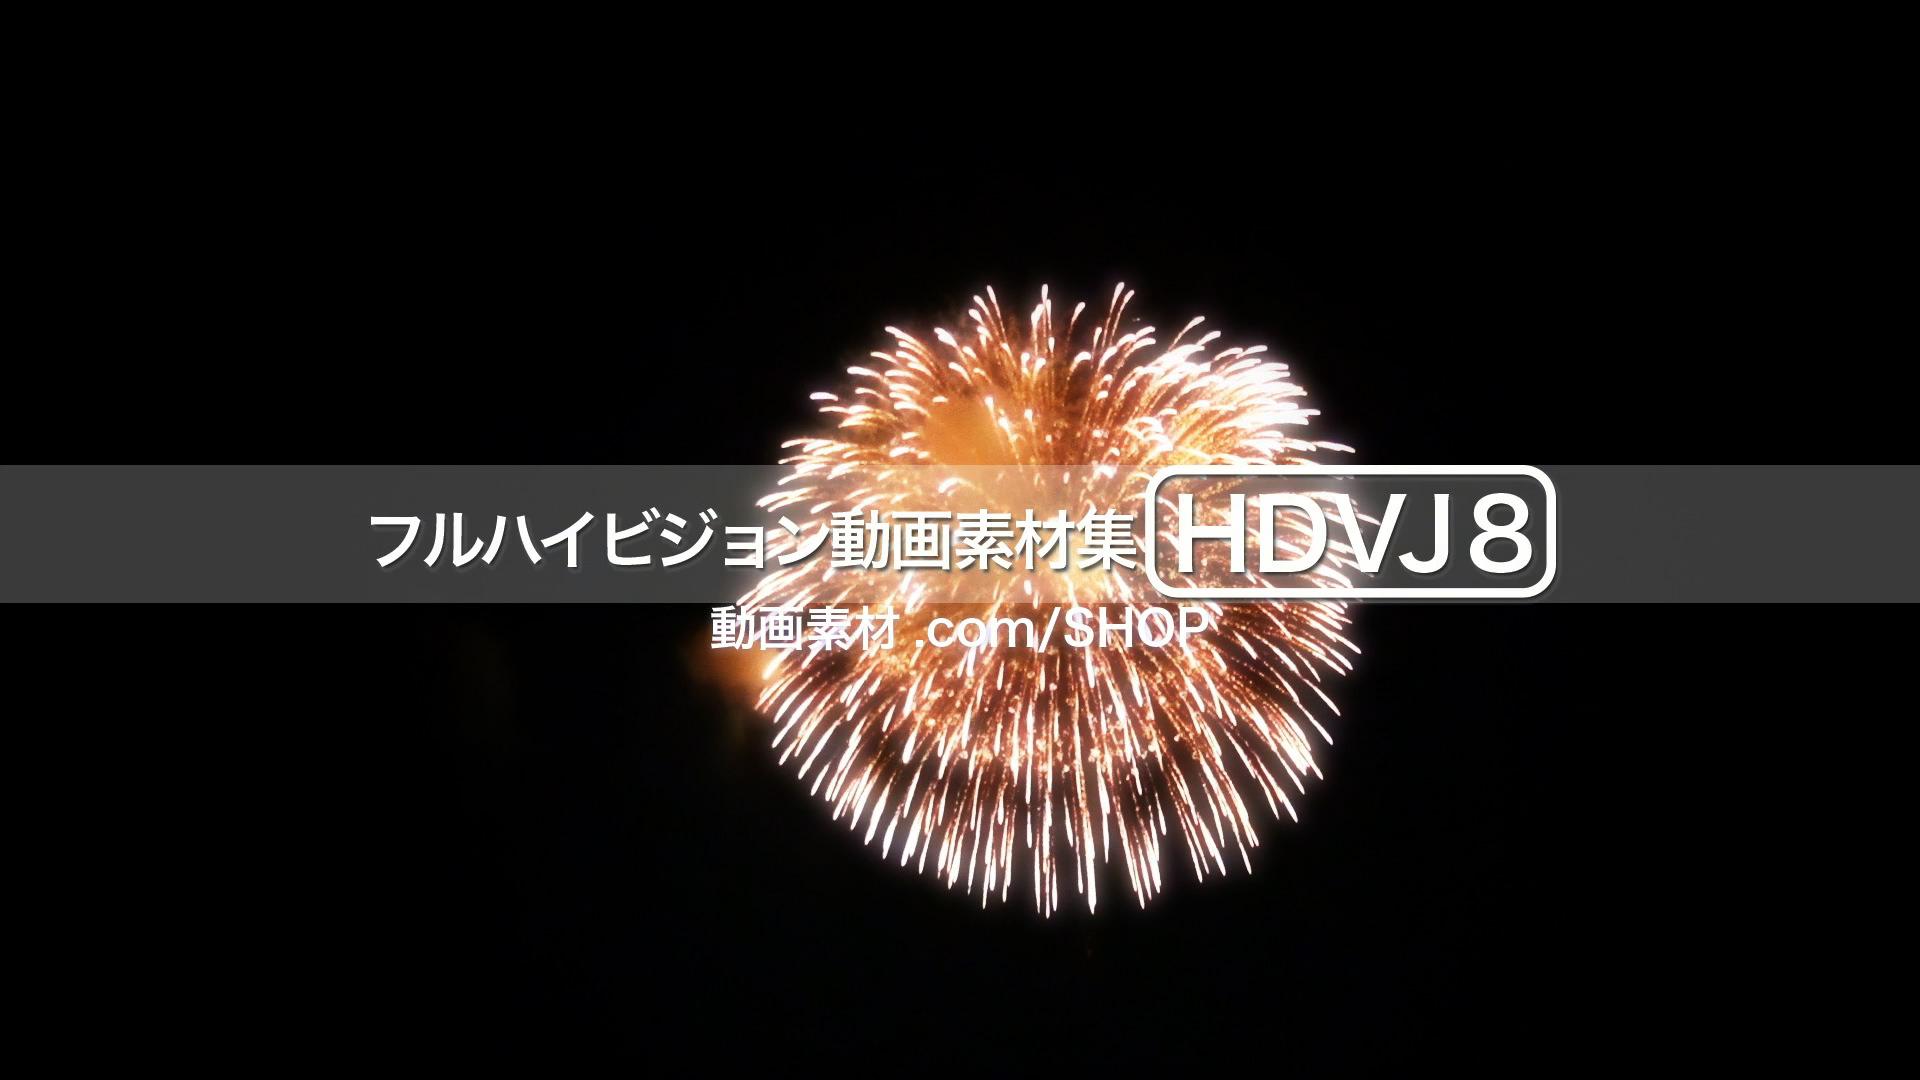 HDVJ8_13